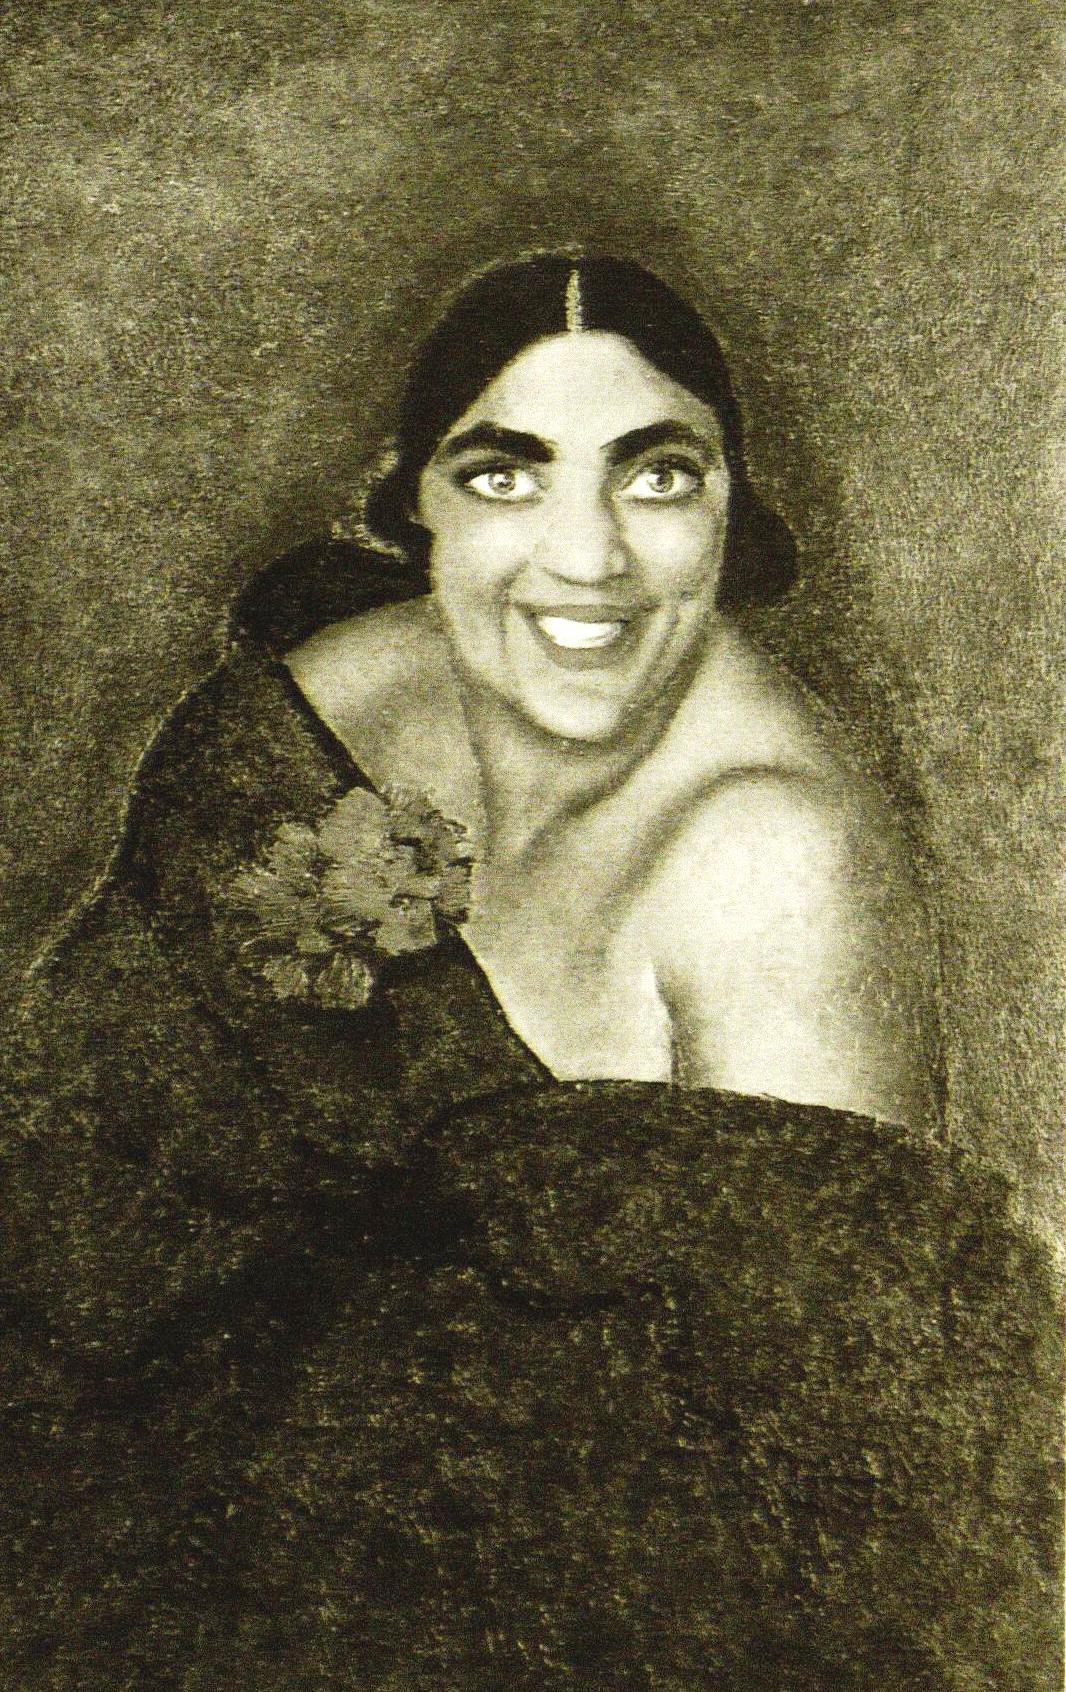 Angelika Kravčenko nel ritratto di Anselmo Bucci del 1927